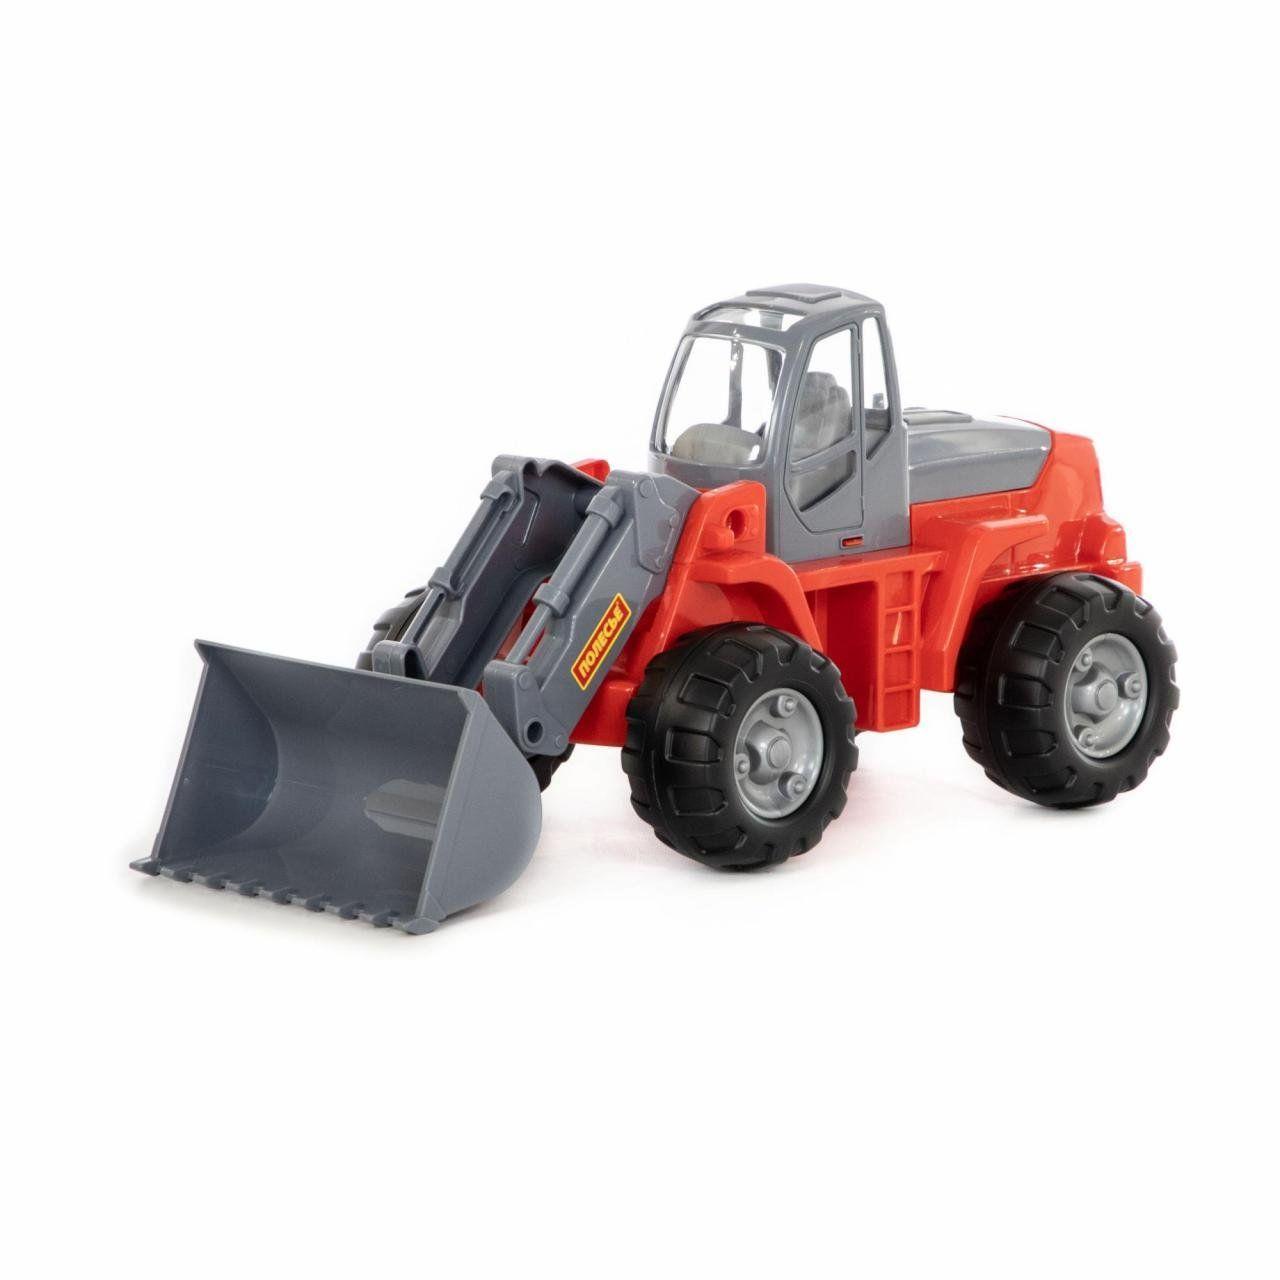 Игрушка Polesie трактор-погрузчик красный в сеточке (8886-1)